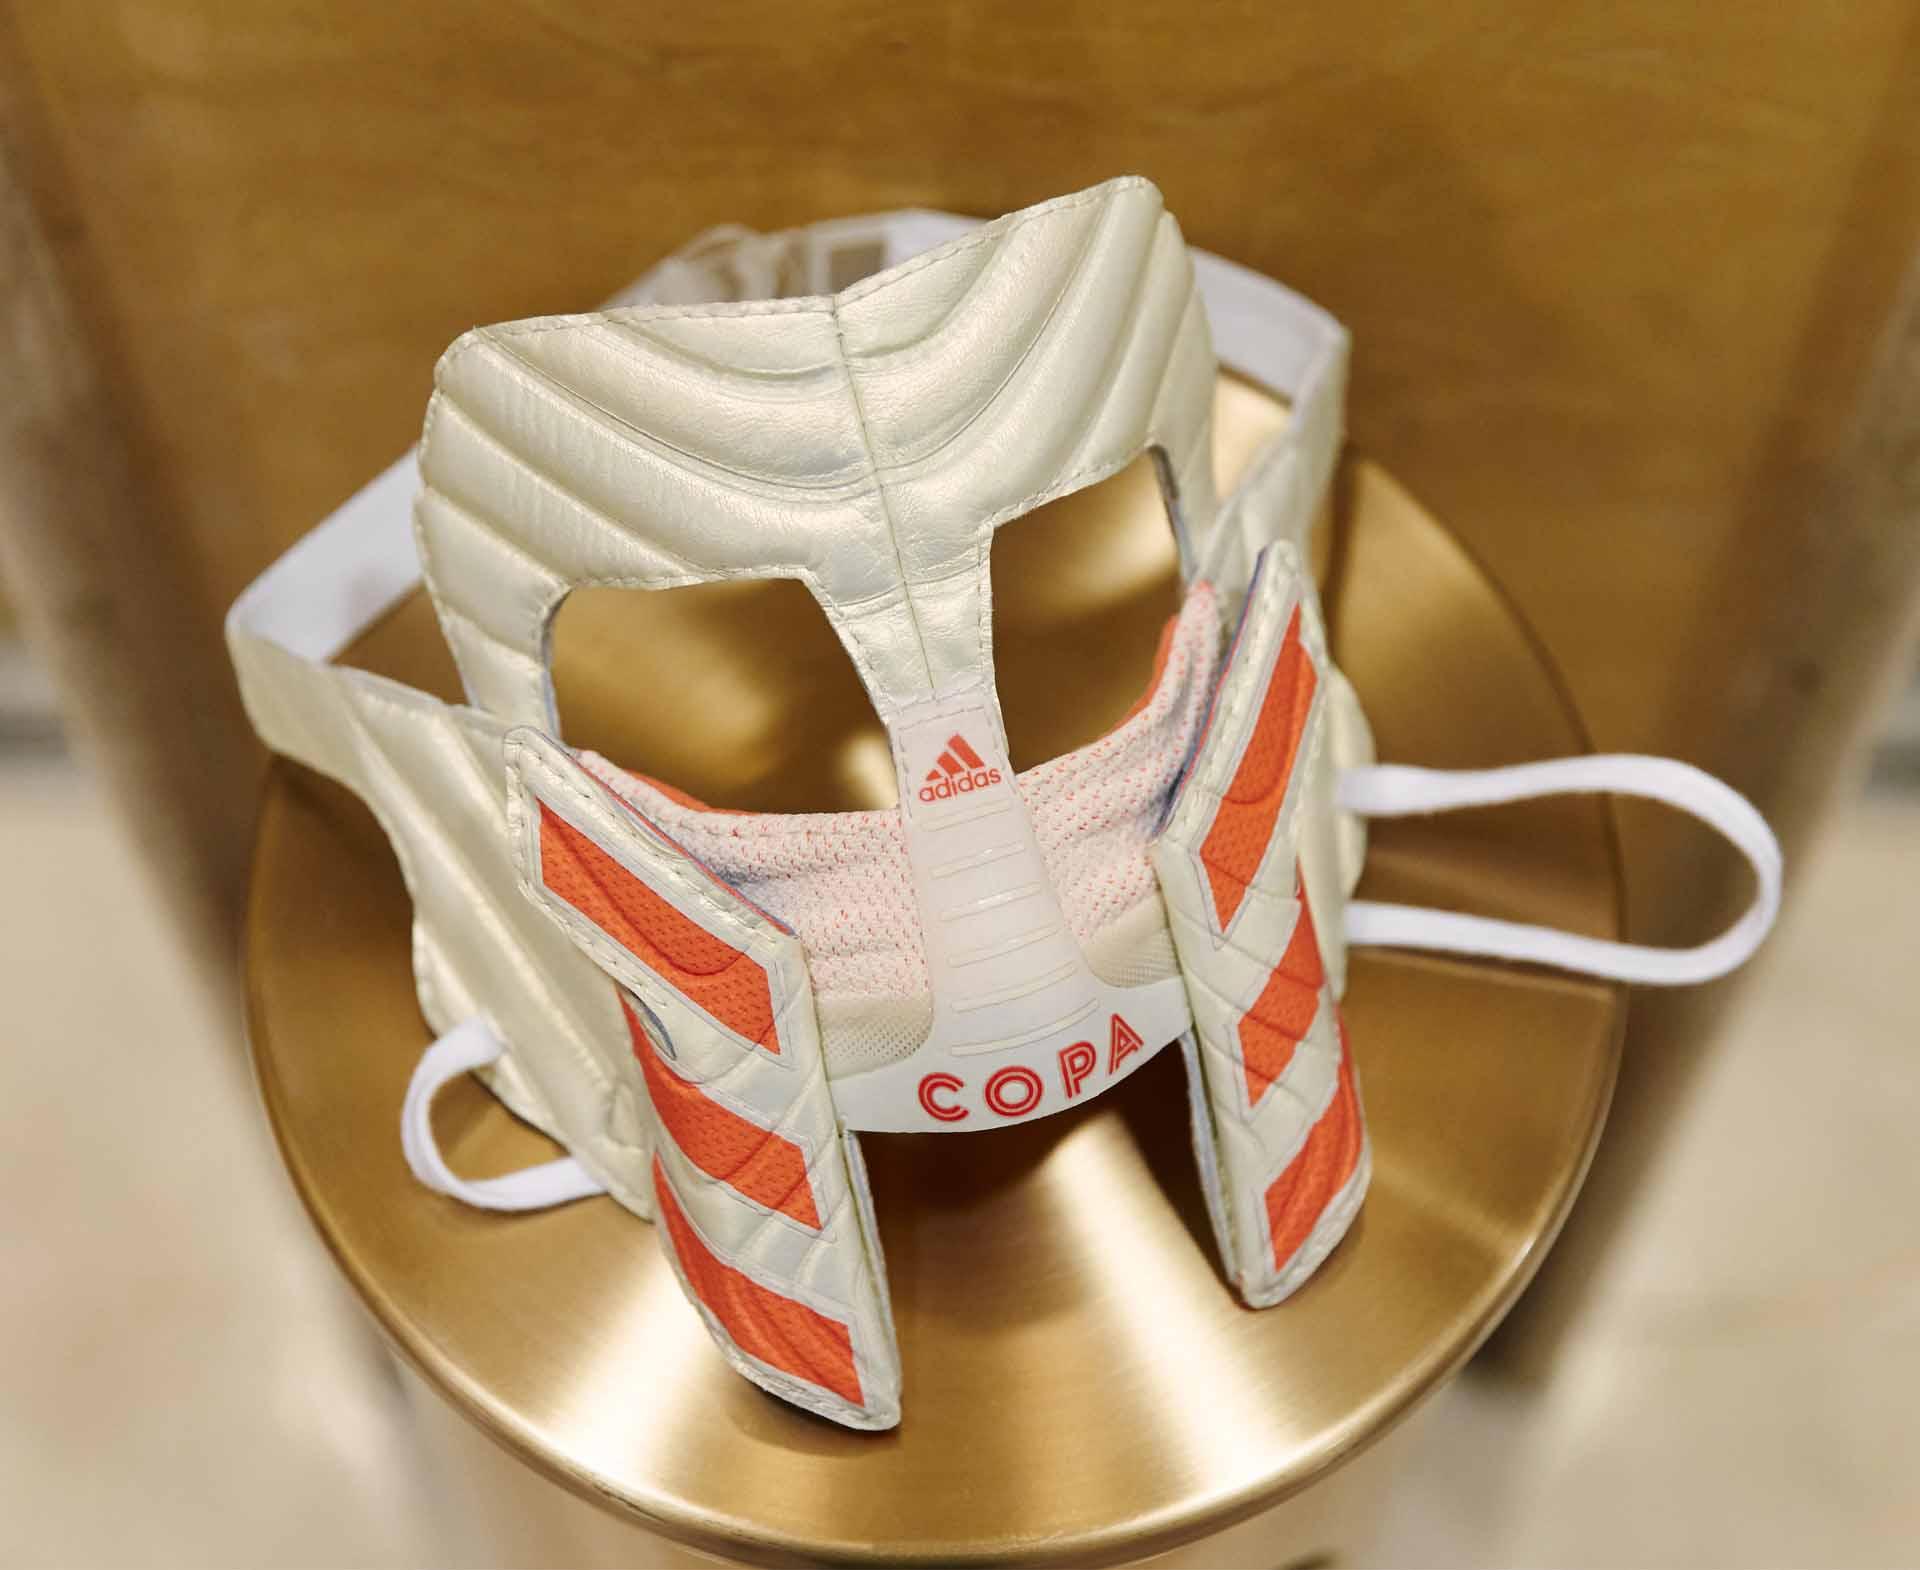 semilla Actuación Escepticismo  Paulo Dybala Receives Bespoke COPA19 Gladiator Mask - SoccerBible